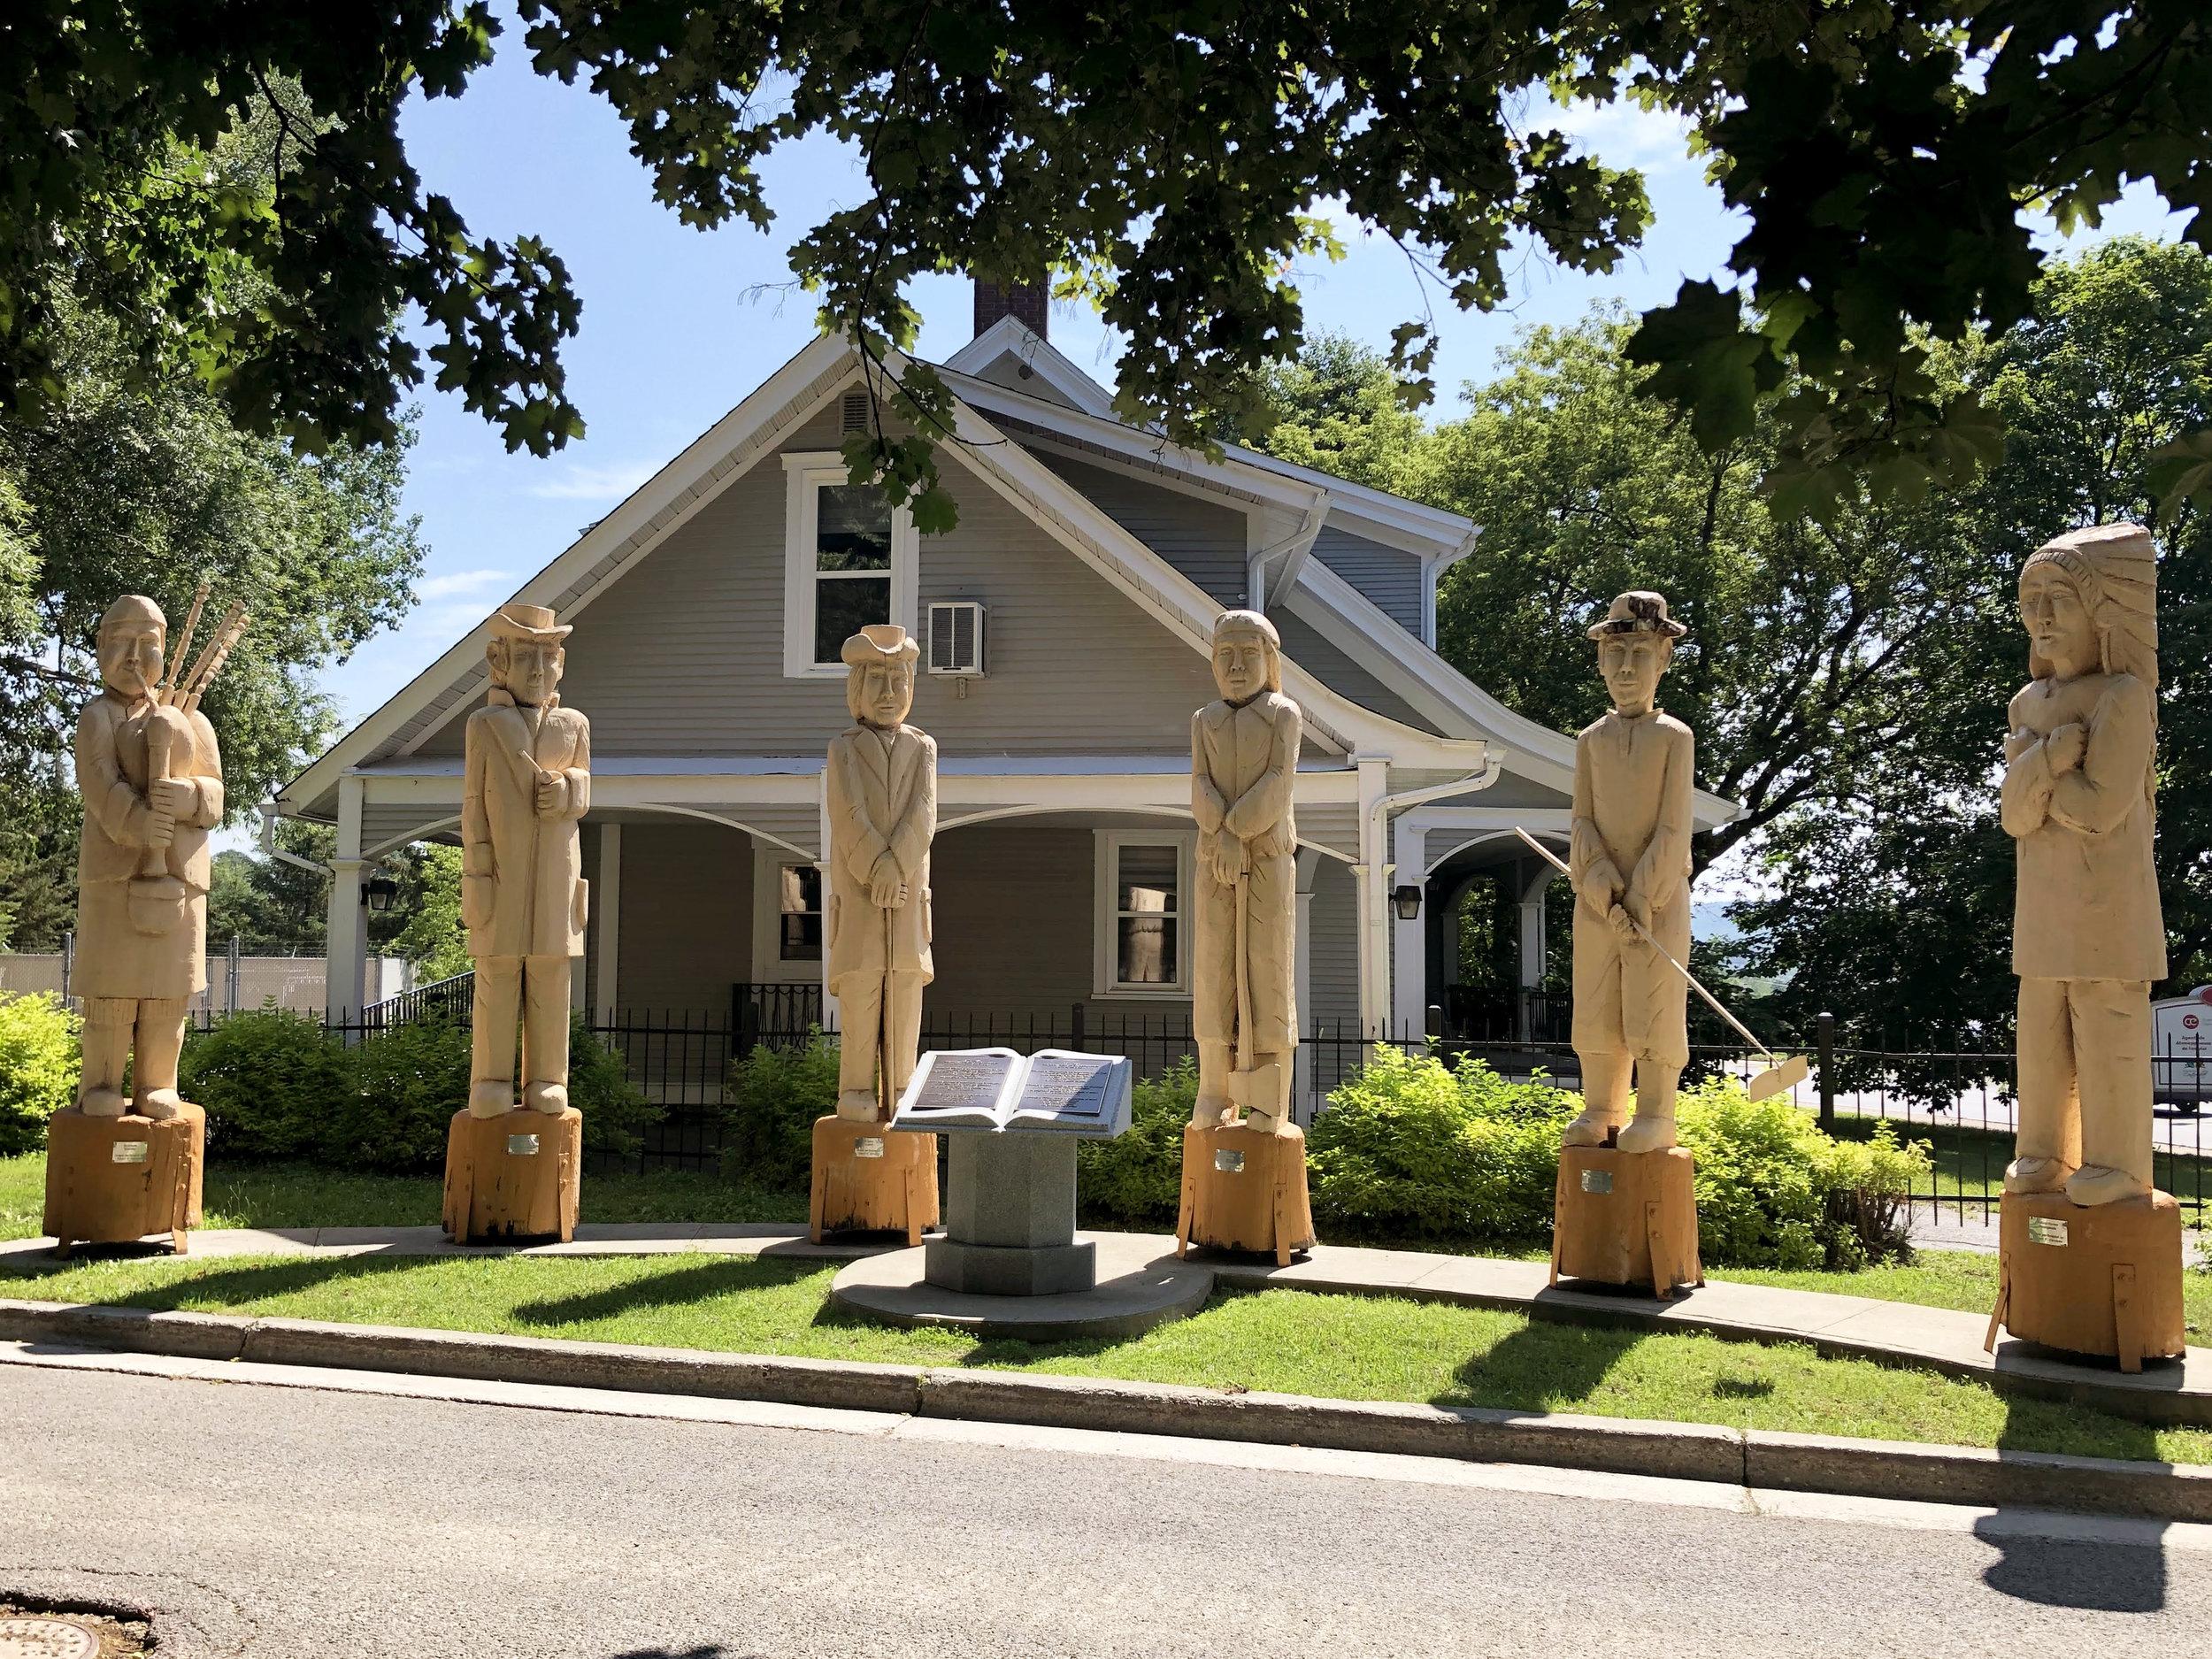 6-wooden-sculptures.jpg